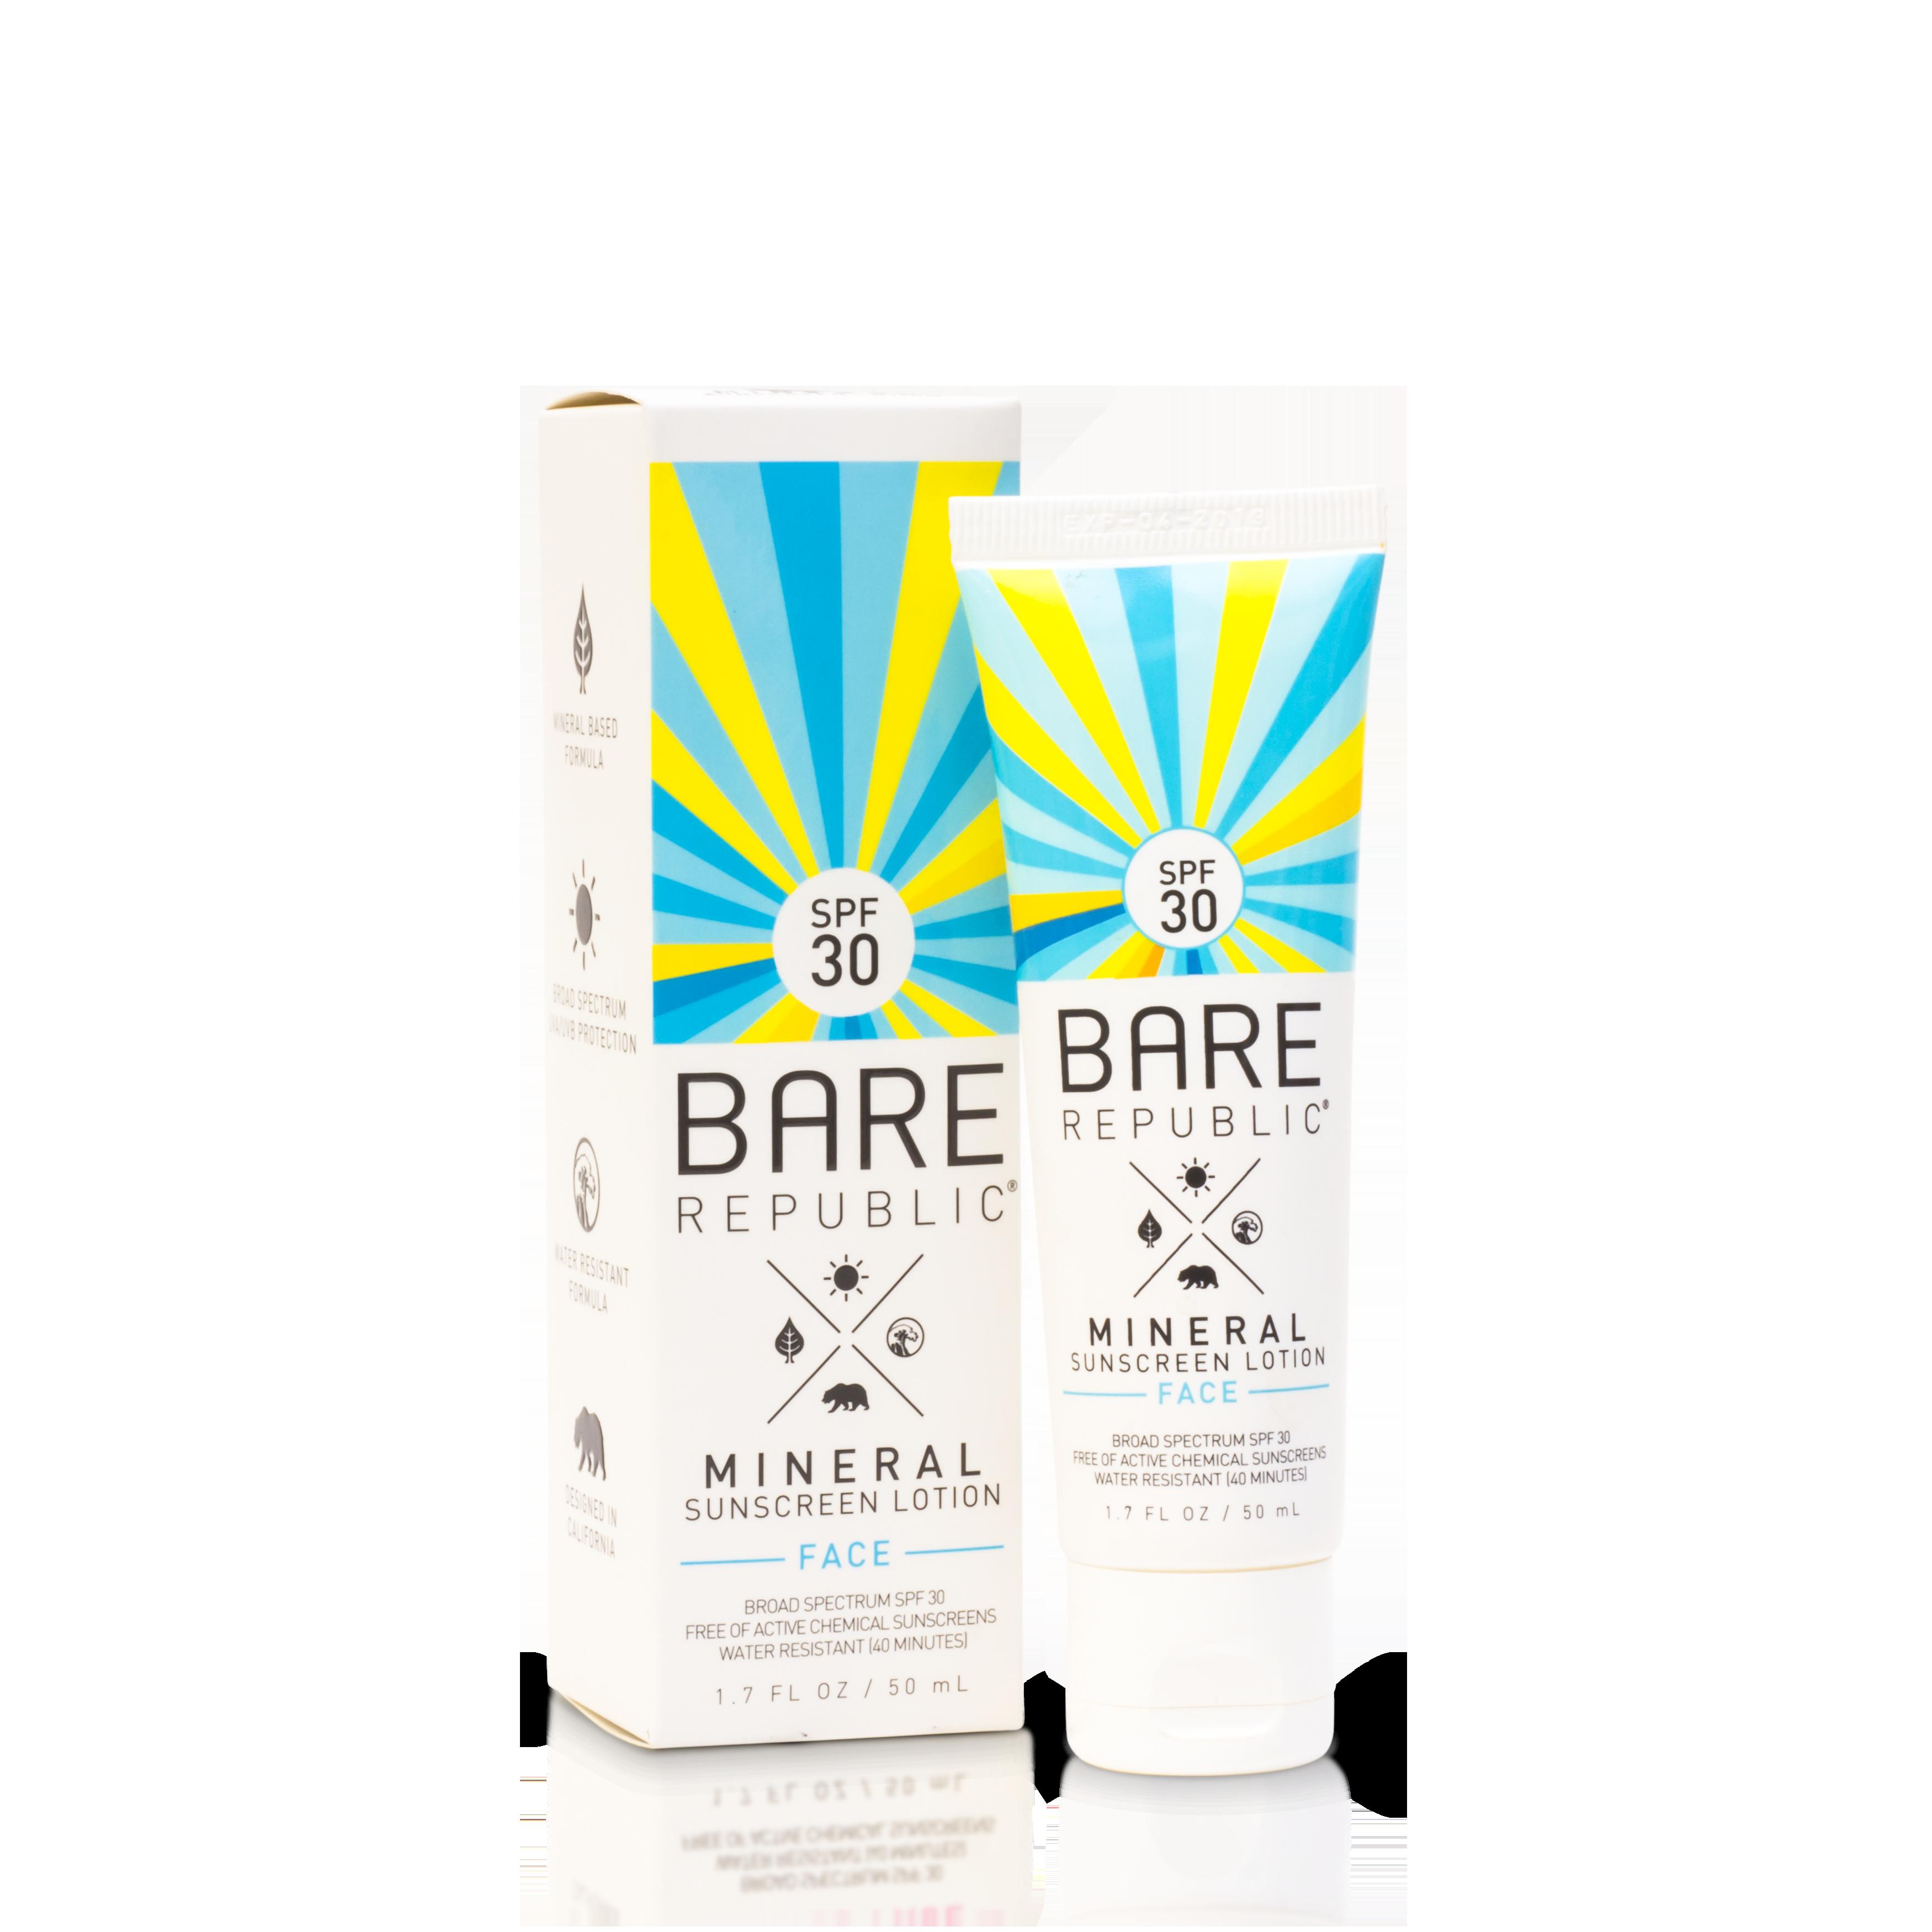 Bare Republic Mineral SPF 30 Face Sunscreen Lotion